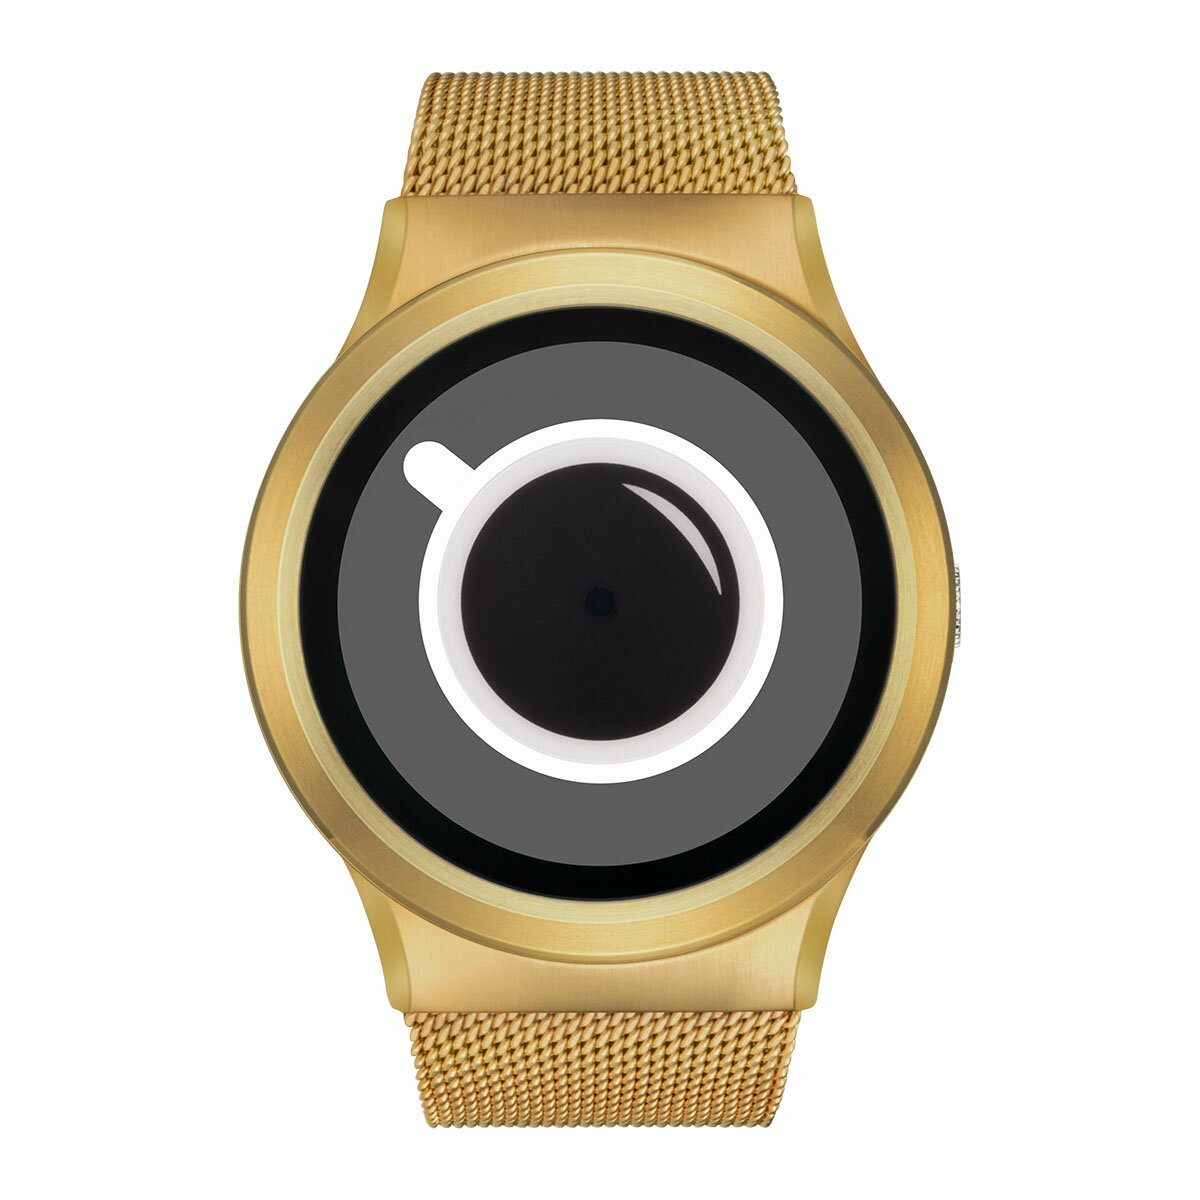 ZEROO COFFEE TIME ゼロ 電池式クォーツ 腕時計 [W03010B04SM04] ホワイト デザインウォッチ ペア用 メンズ レディース ユニセックス おしゃれ時計 デザイナーズ